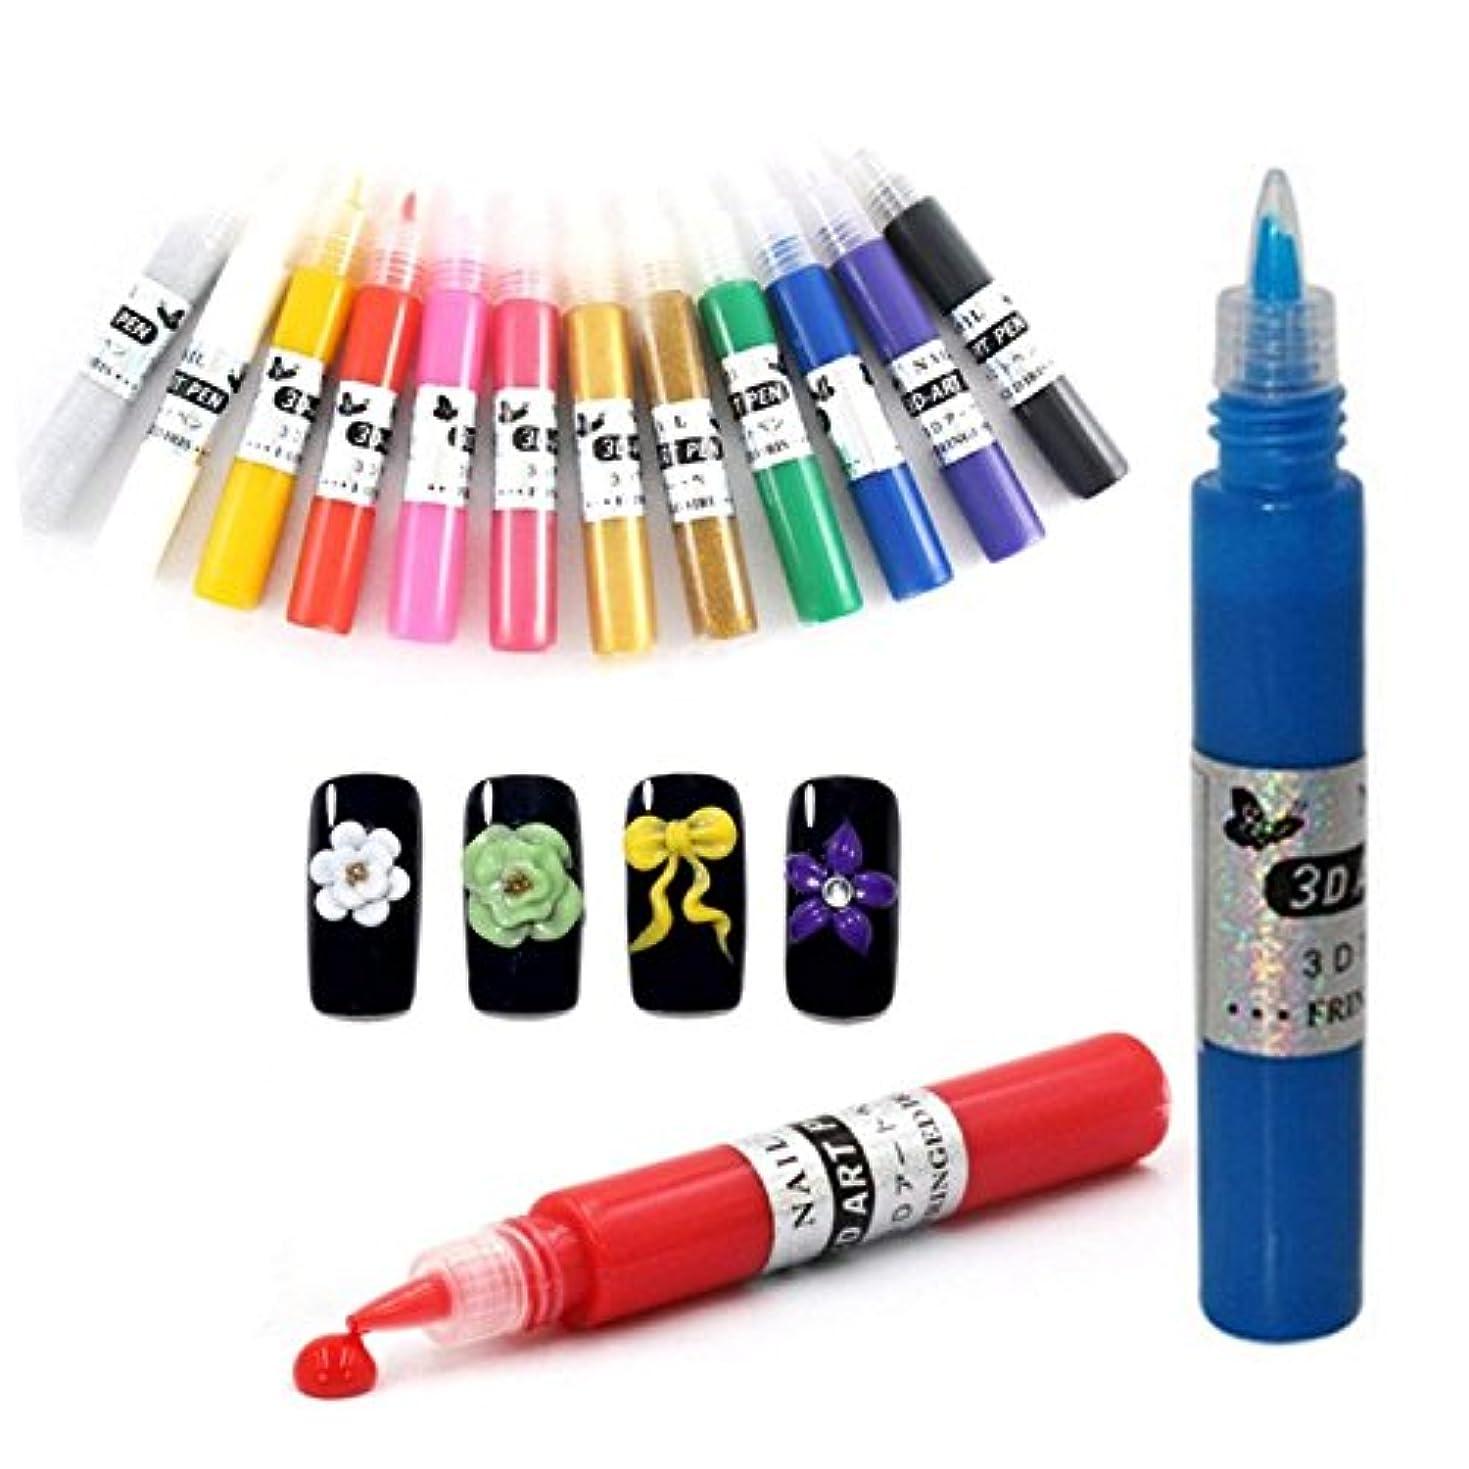 やめるスロット集団的ネイルアートペン  3Dネイルアートペン ネイルマニキュア液 ペイントペン DIY 12色